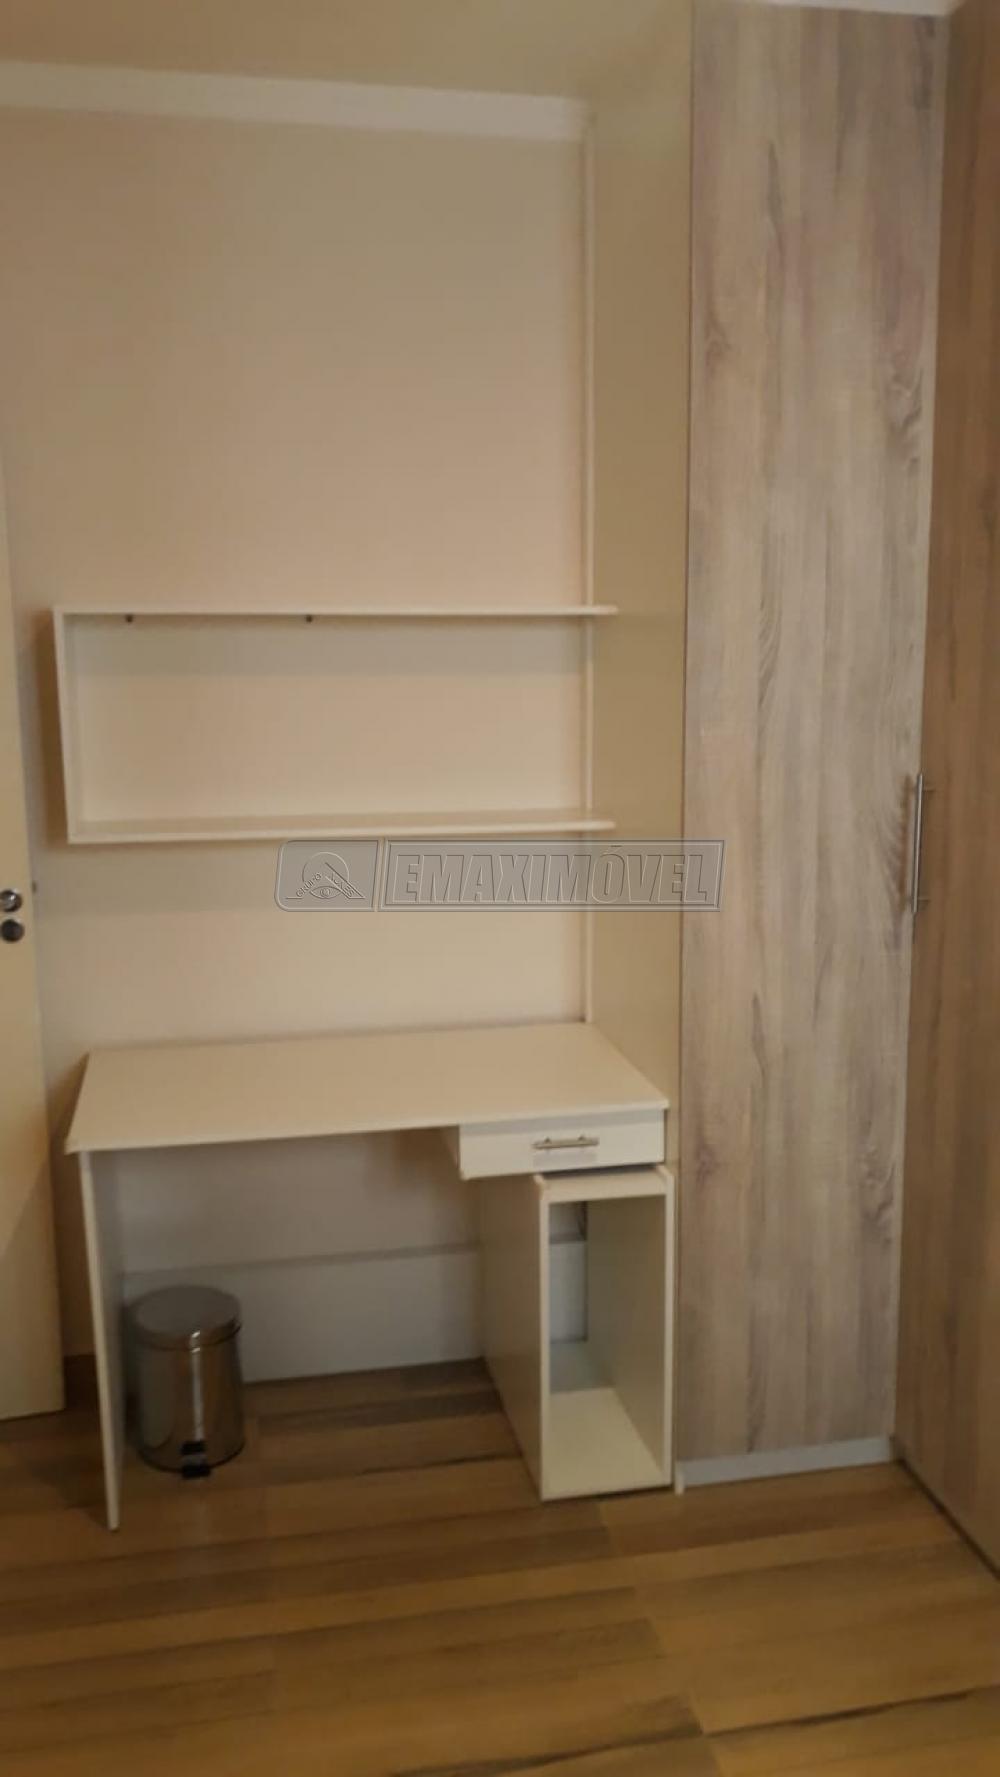 Alugar Apartamento / Padrão em Sorocaba R$ 900,00 - Foto 11